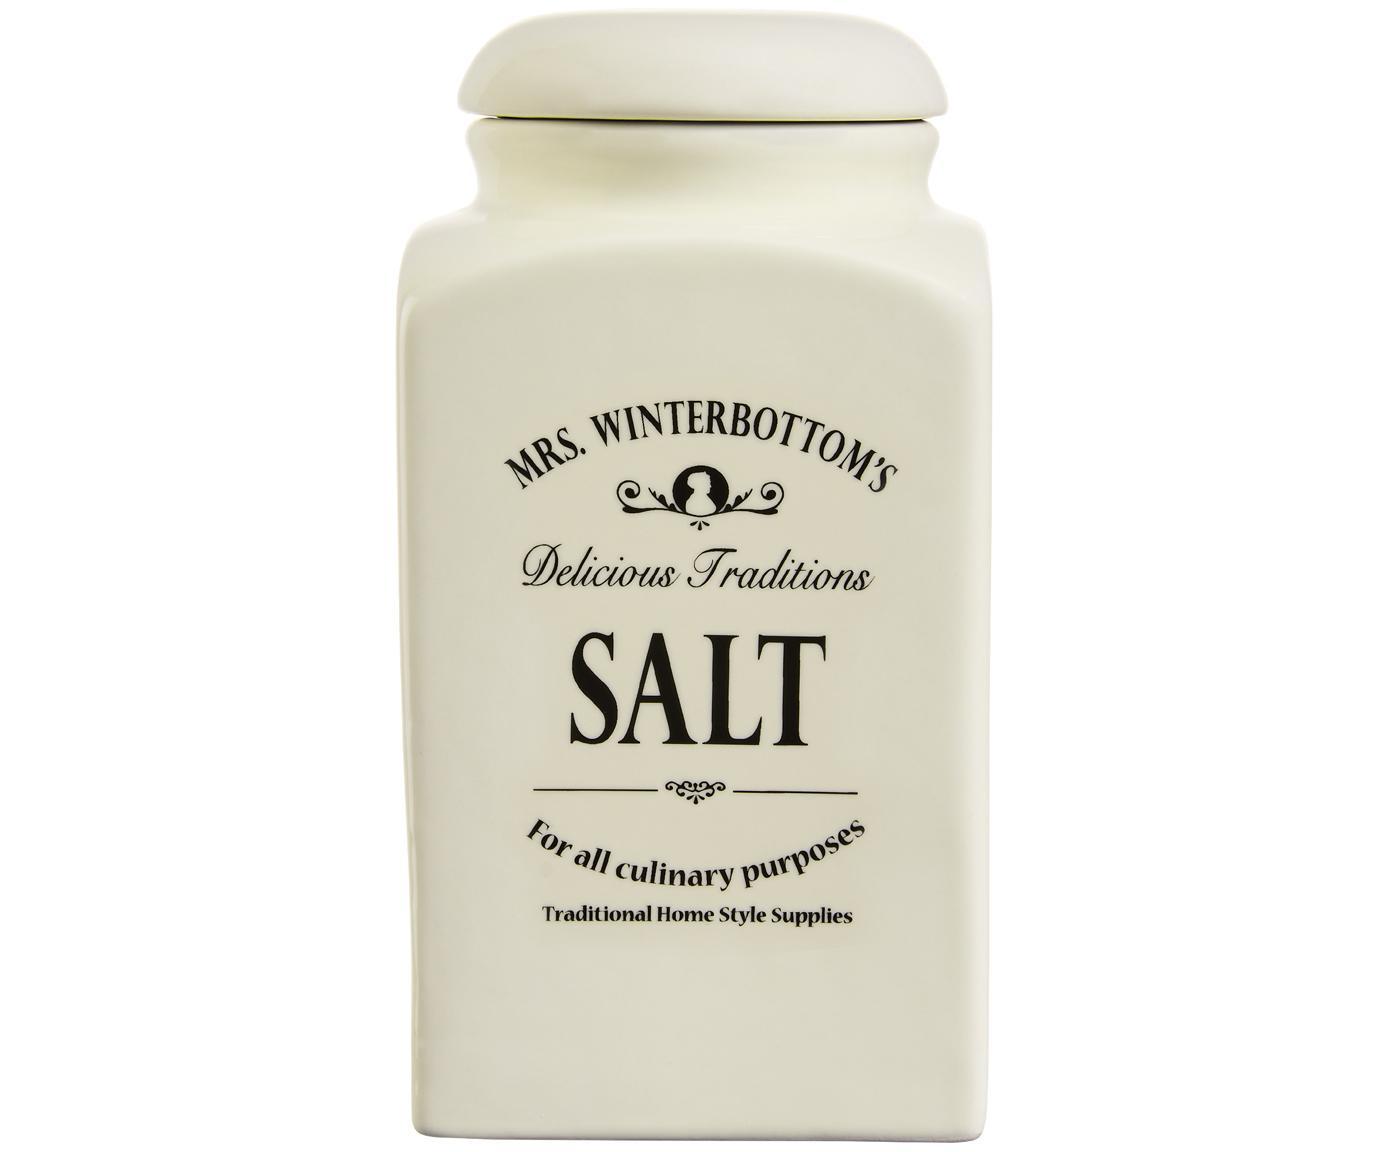 Aufbewahrungsdose Mrs Winterbottoms Salt, Steingut, Creme, Schwarz, Ø 11 x H 21 cm